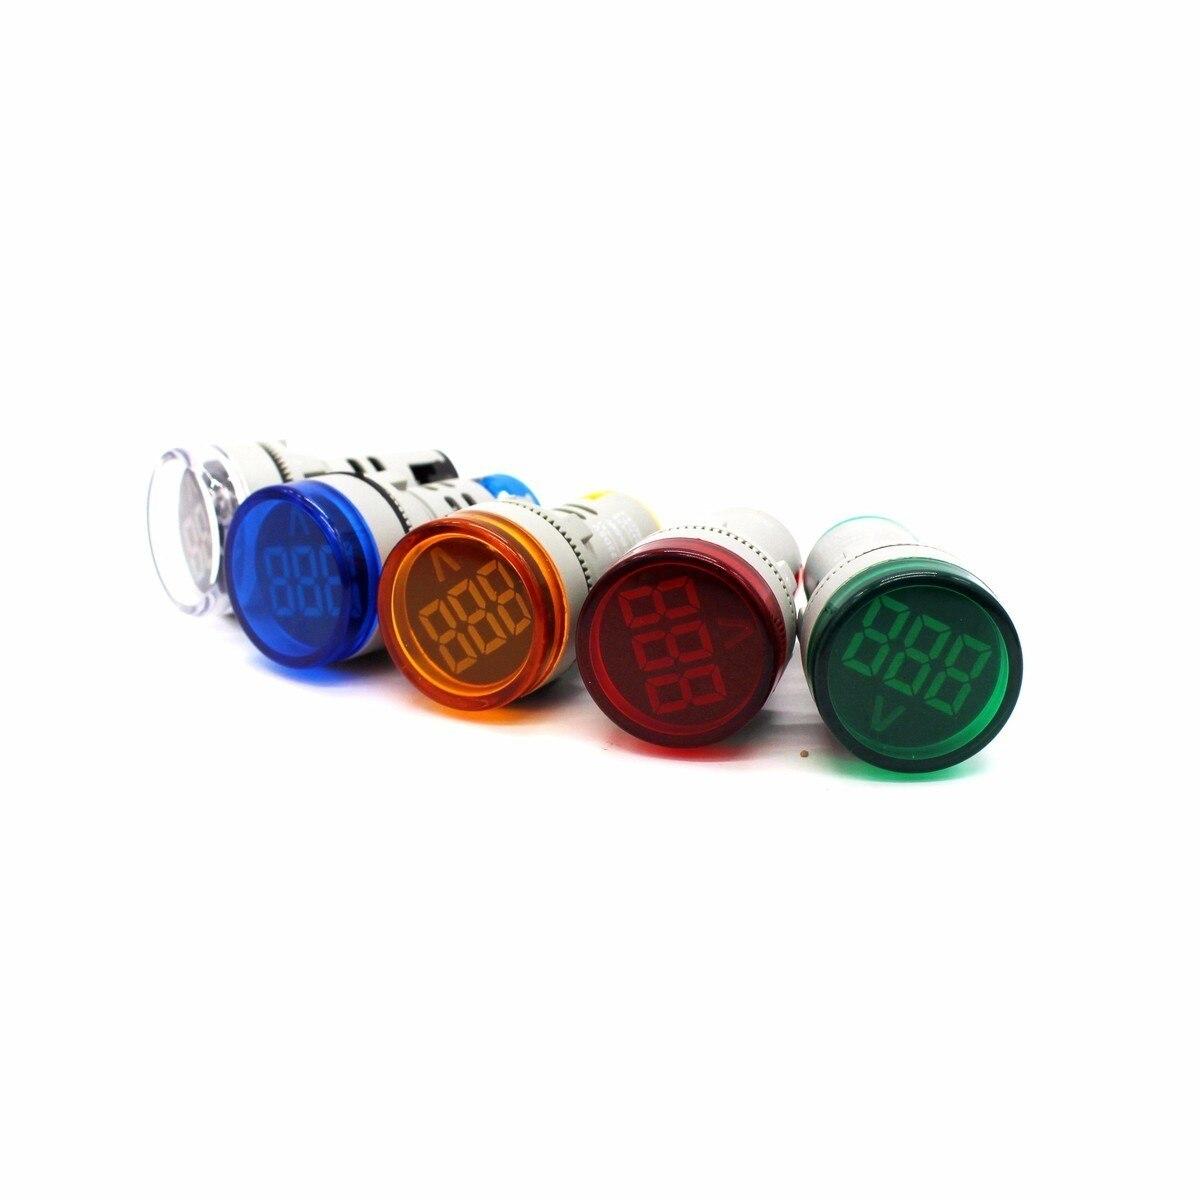 22mm led digital display gauge volt voltage meter indicator signal lamp voltmeter lights tester combo measuring range 60 500v ac 22mm LED Digital Display Gauge Volt Voltage Meter Indicator Signal Lamp Voltmeter Lights Tester Combo Measuring Range 1-500V AC